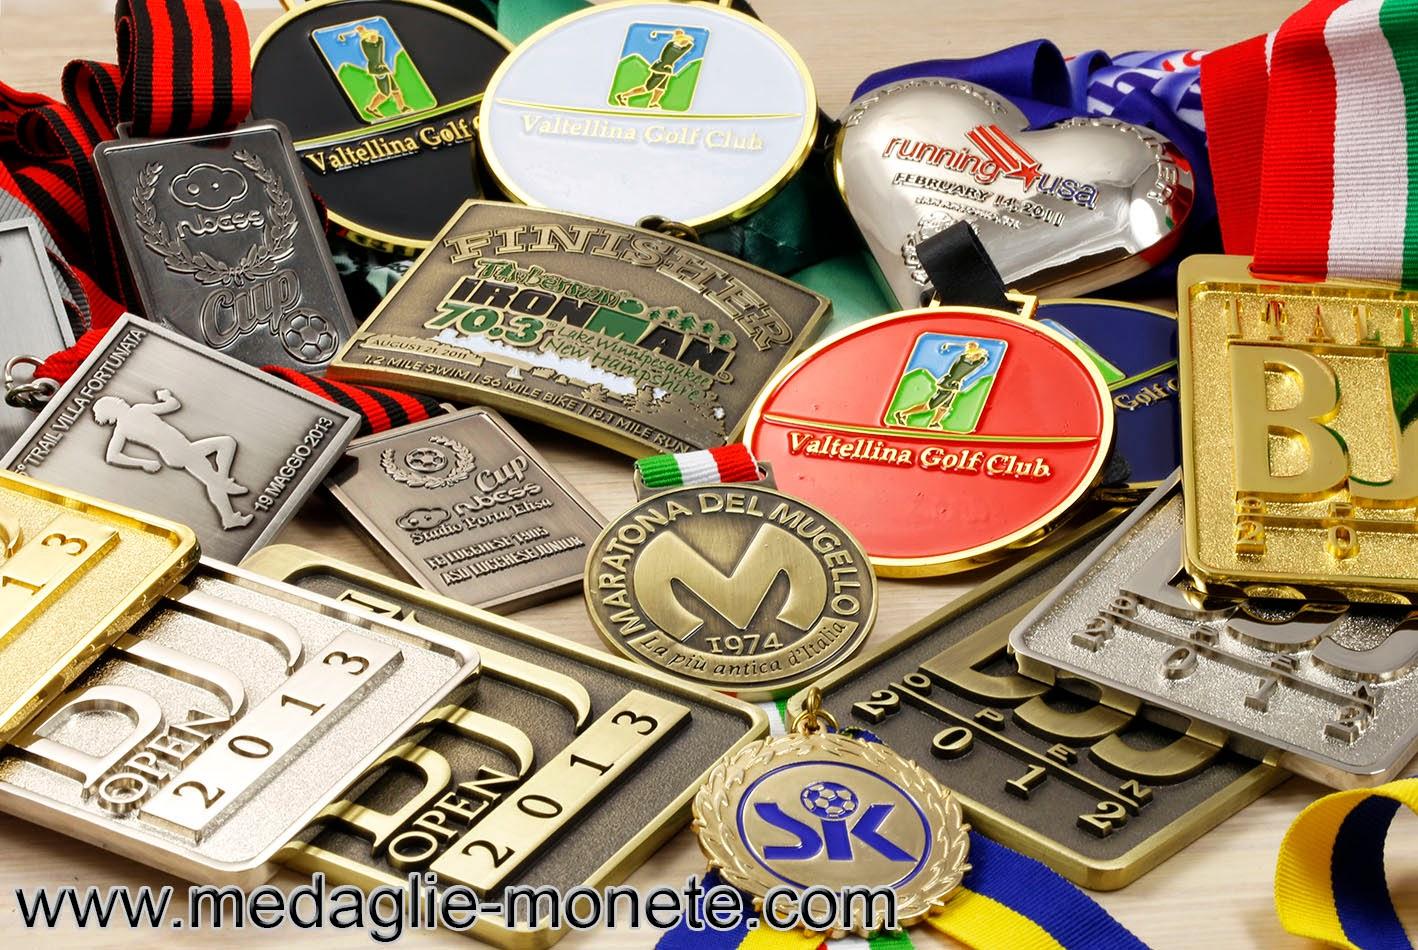 Medaglie per premiazioni sportive : http://www.medaglie-monete.com